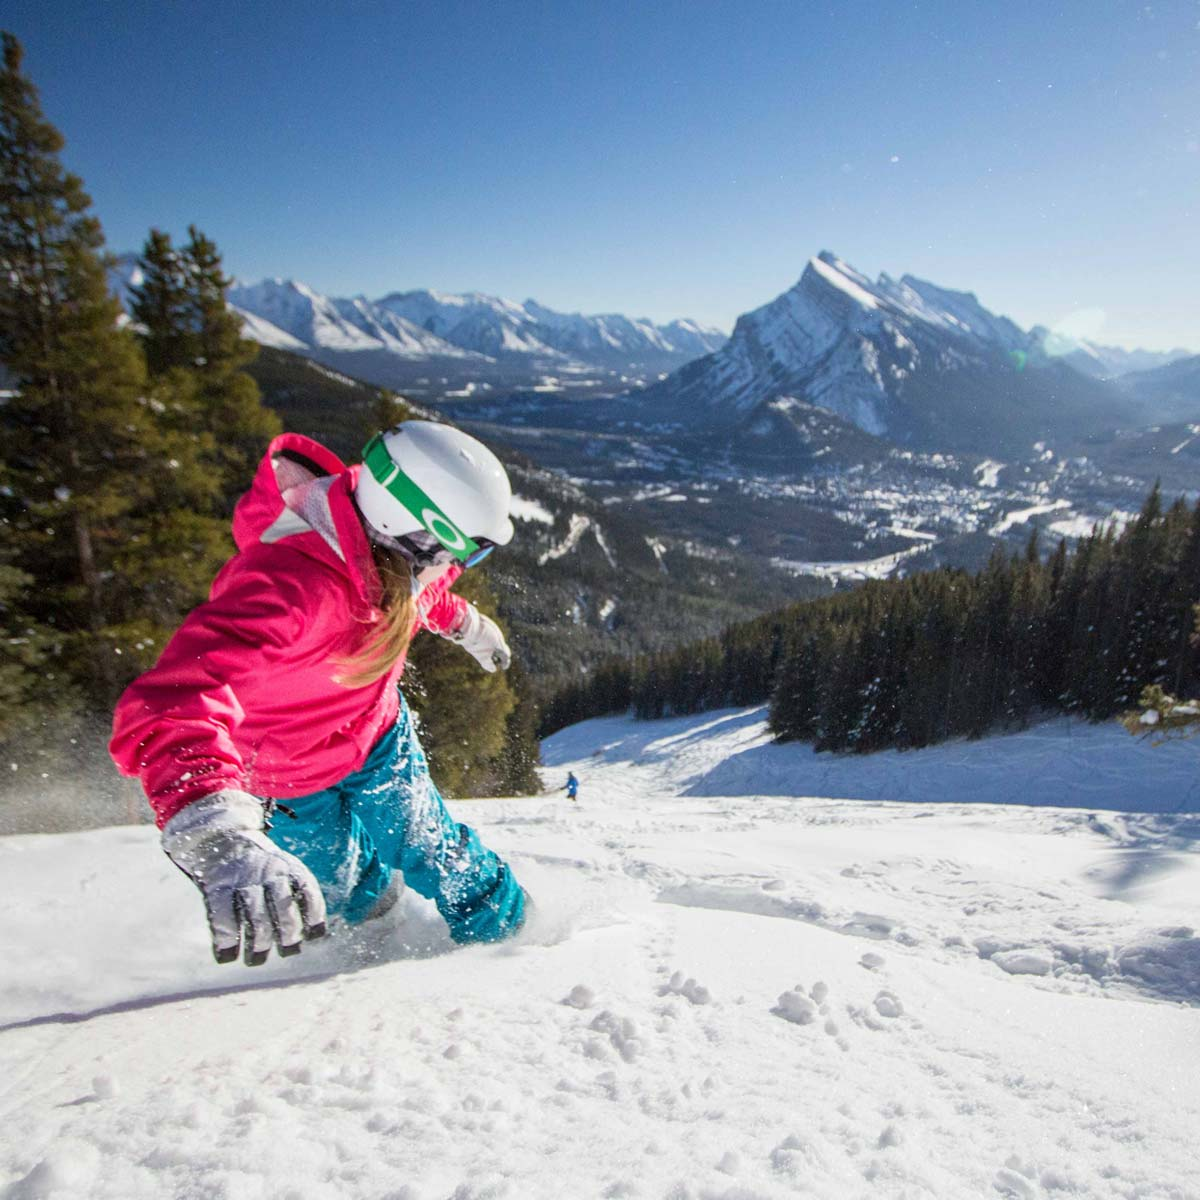 banff sunshine mountain lodge & ski resort